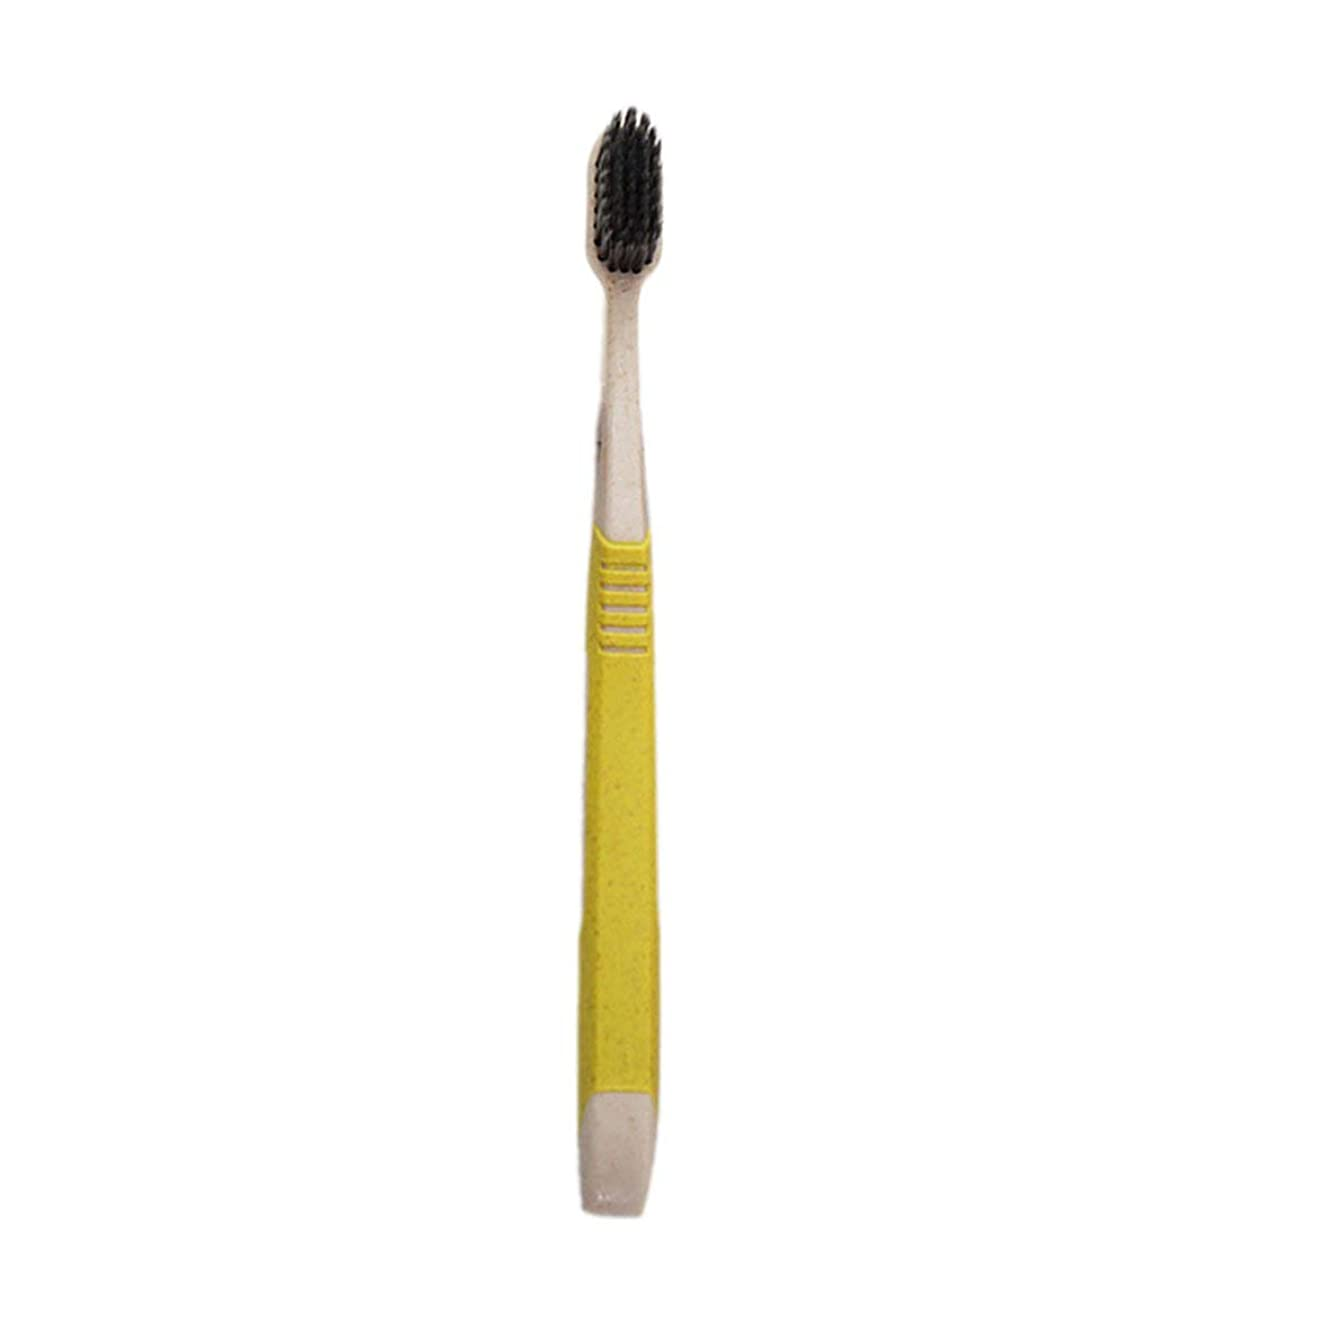 トロリーバス台風狂うK-666小麦わらの歯ブラシ歯のクリーニングブラシ竹炭毛ブラシ環境にやさしいブラシ歯のケア - 黄色